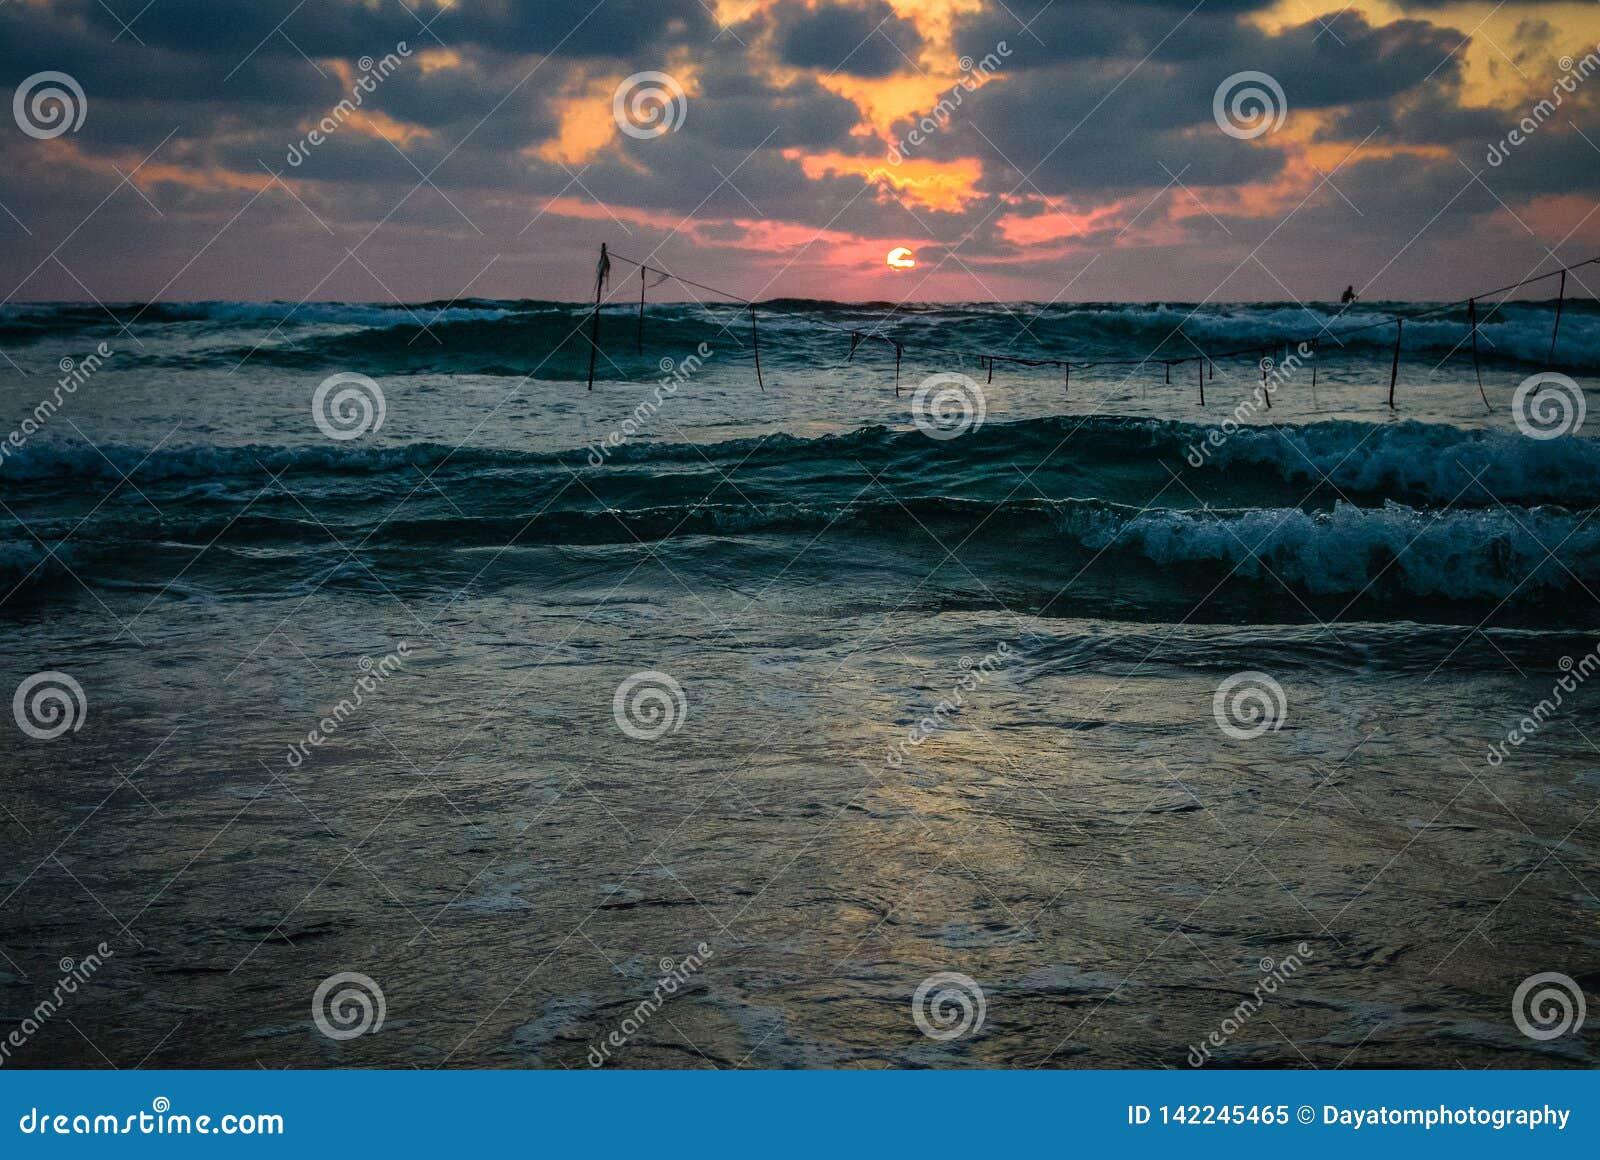 Vue de coucher du soleil d été d une plage sous un ciel nuageux dramatique